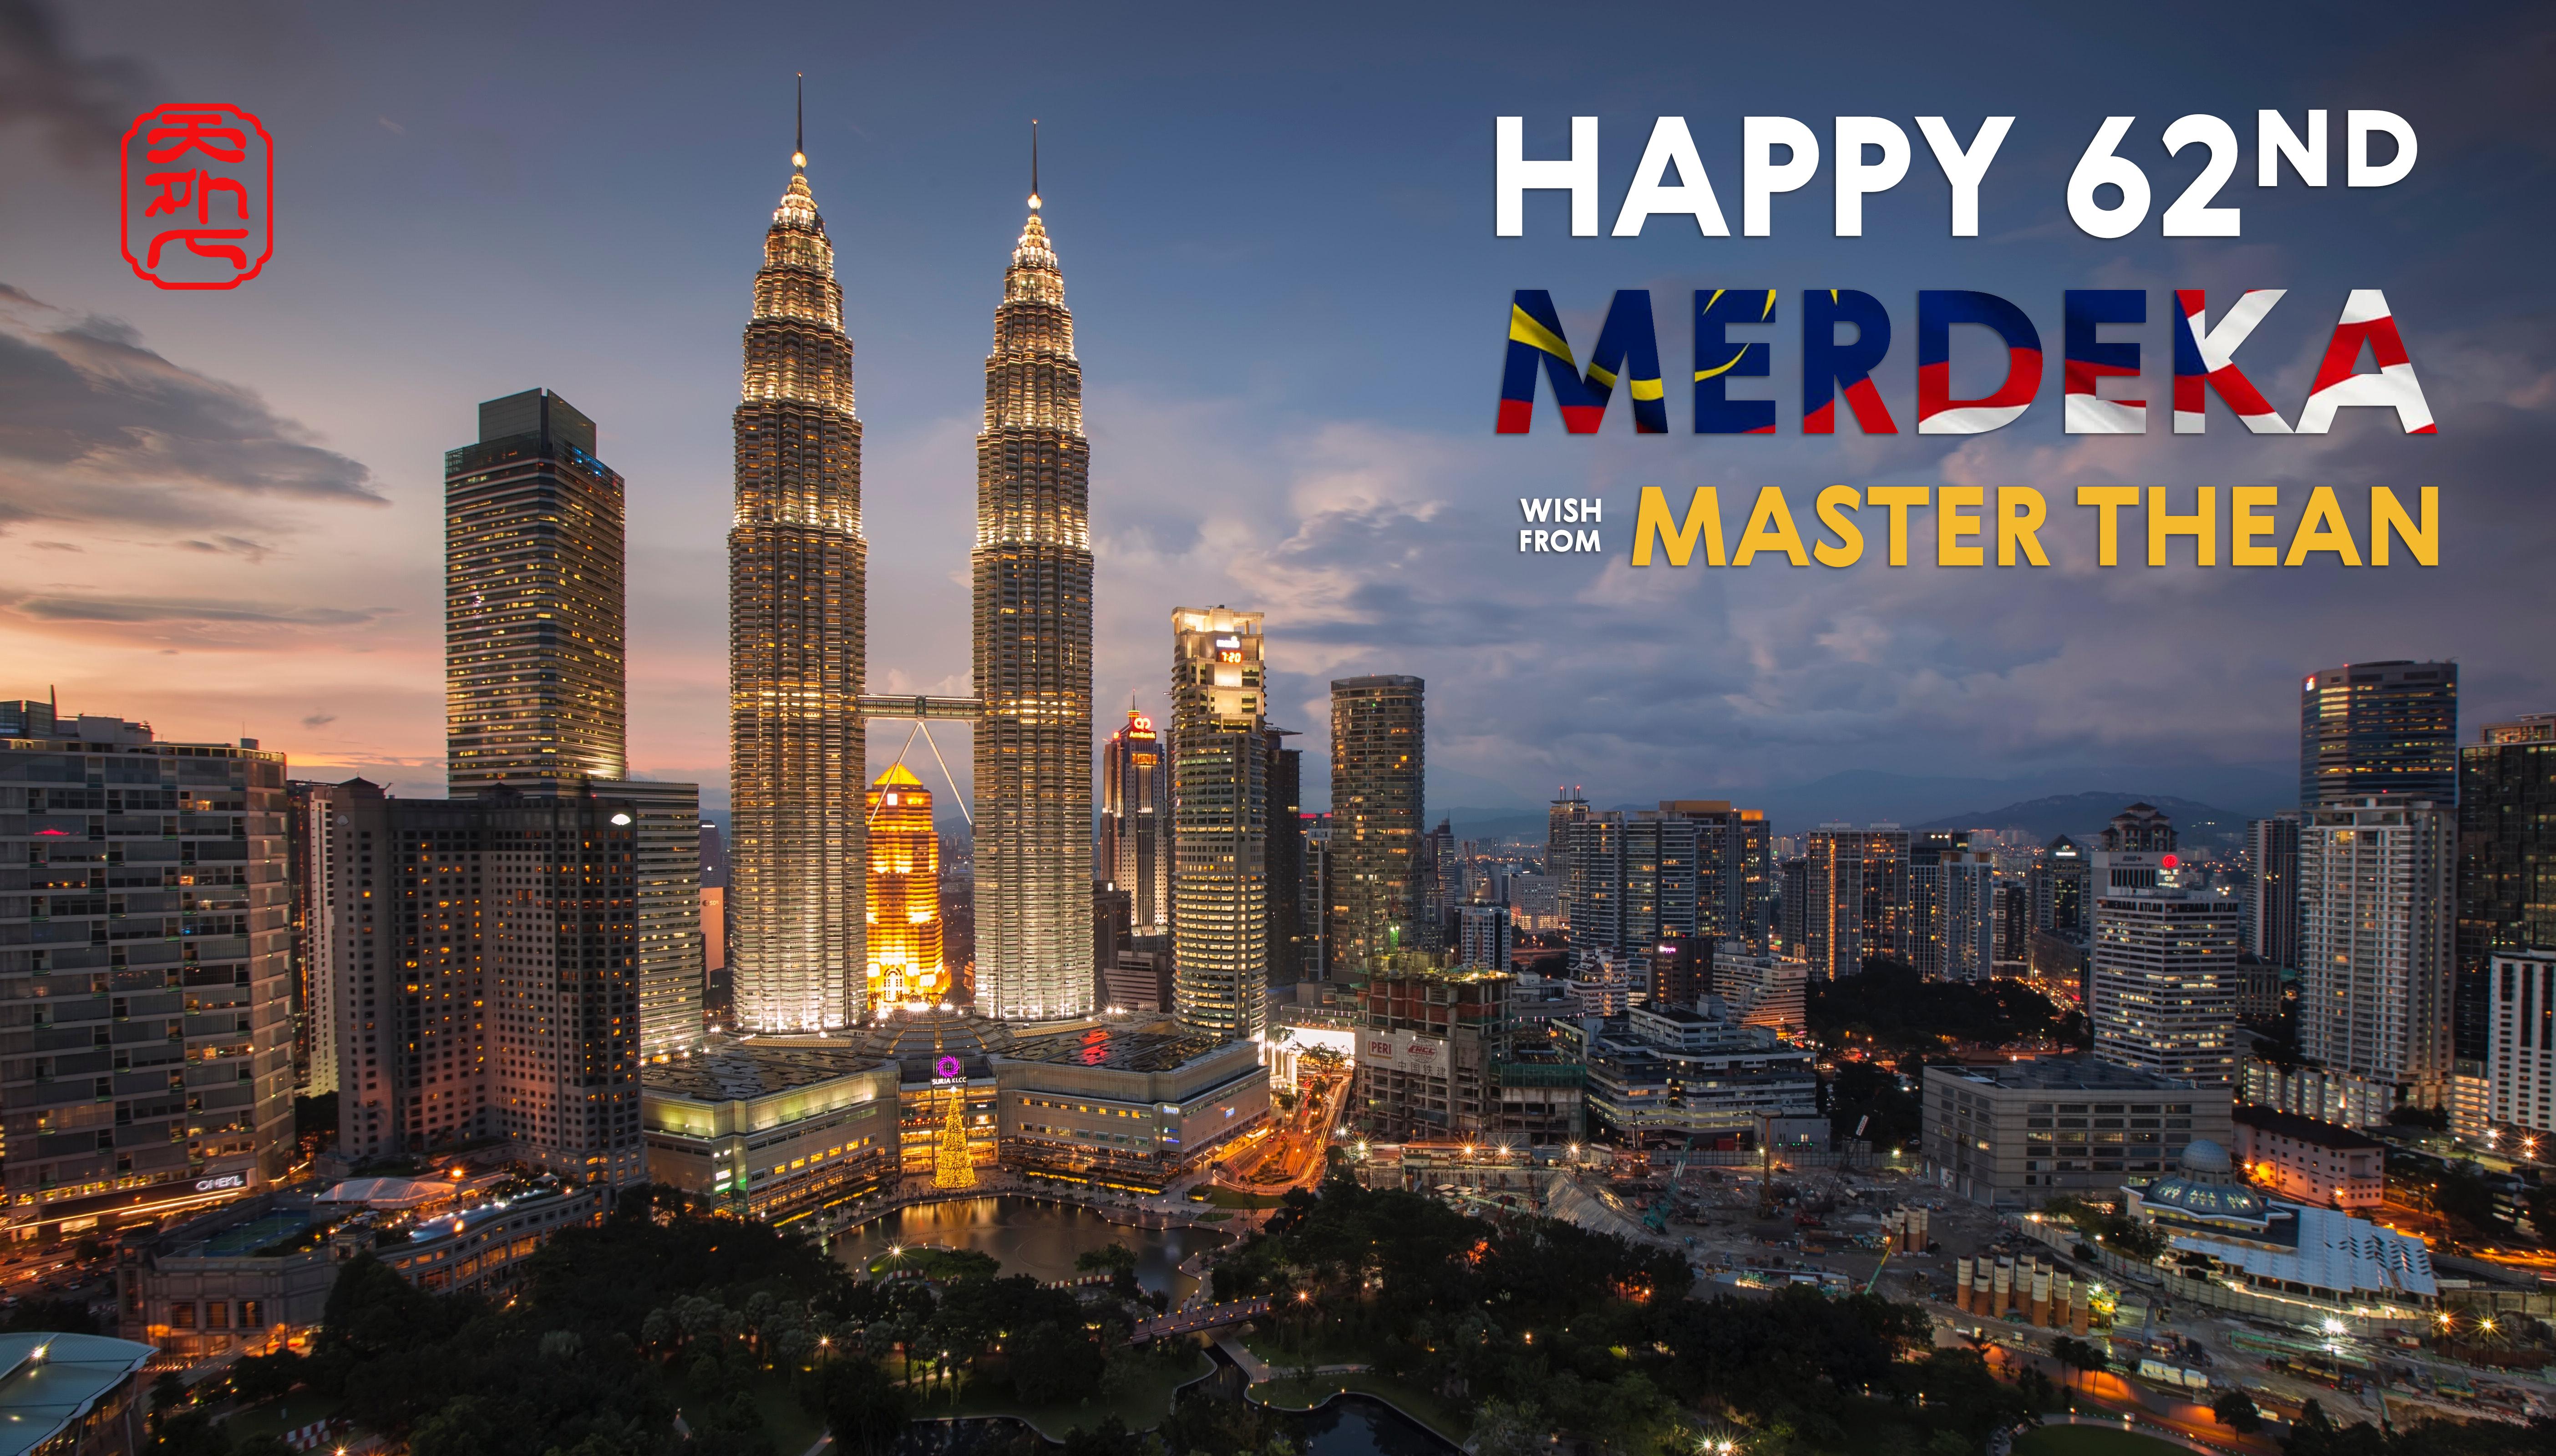 国庆日快乐!!Happy Merdeka